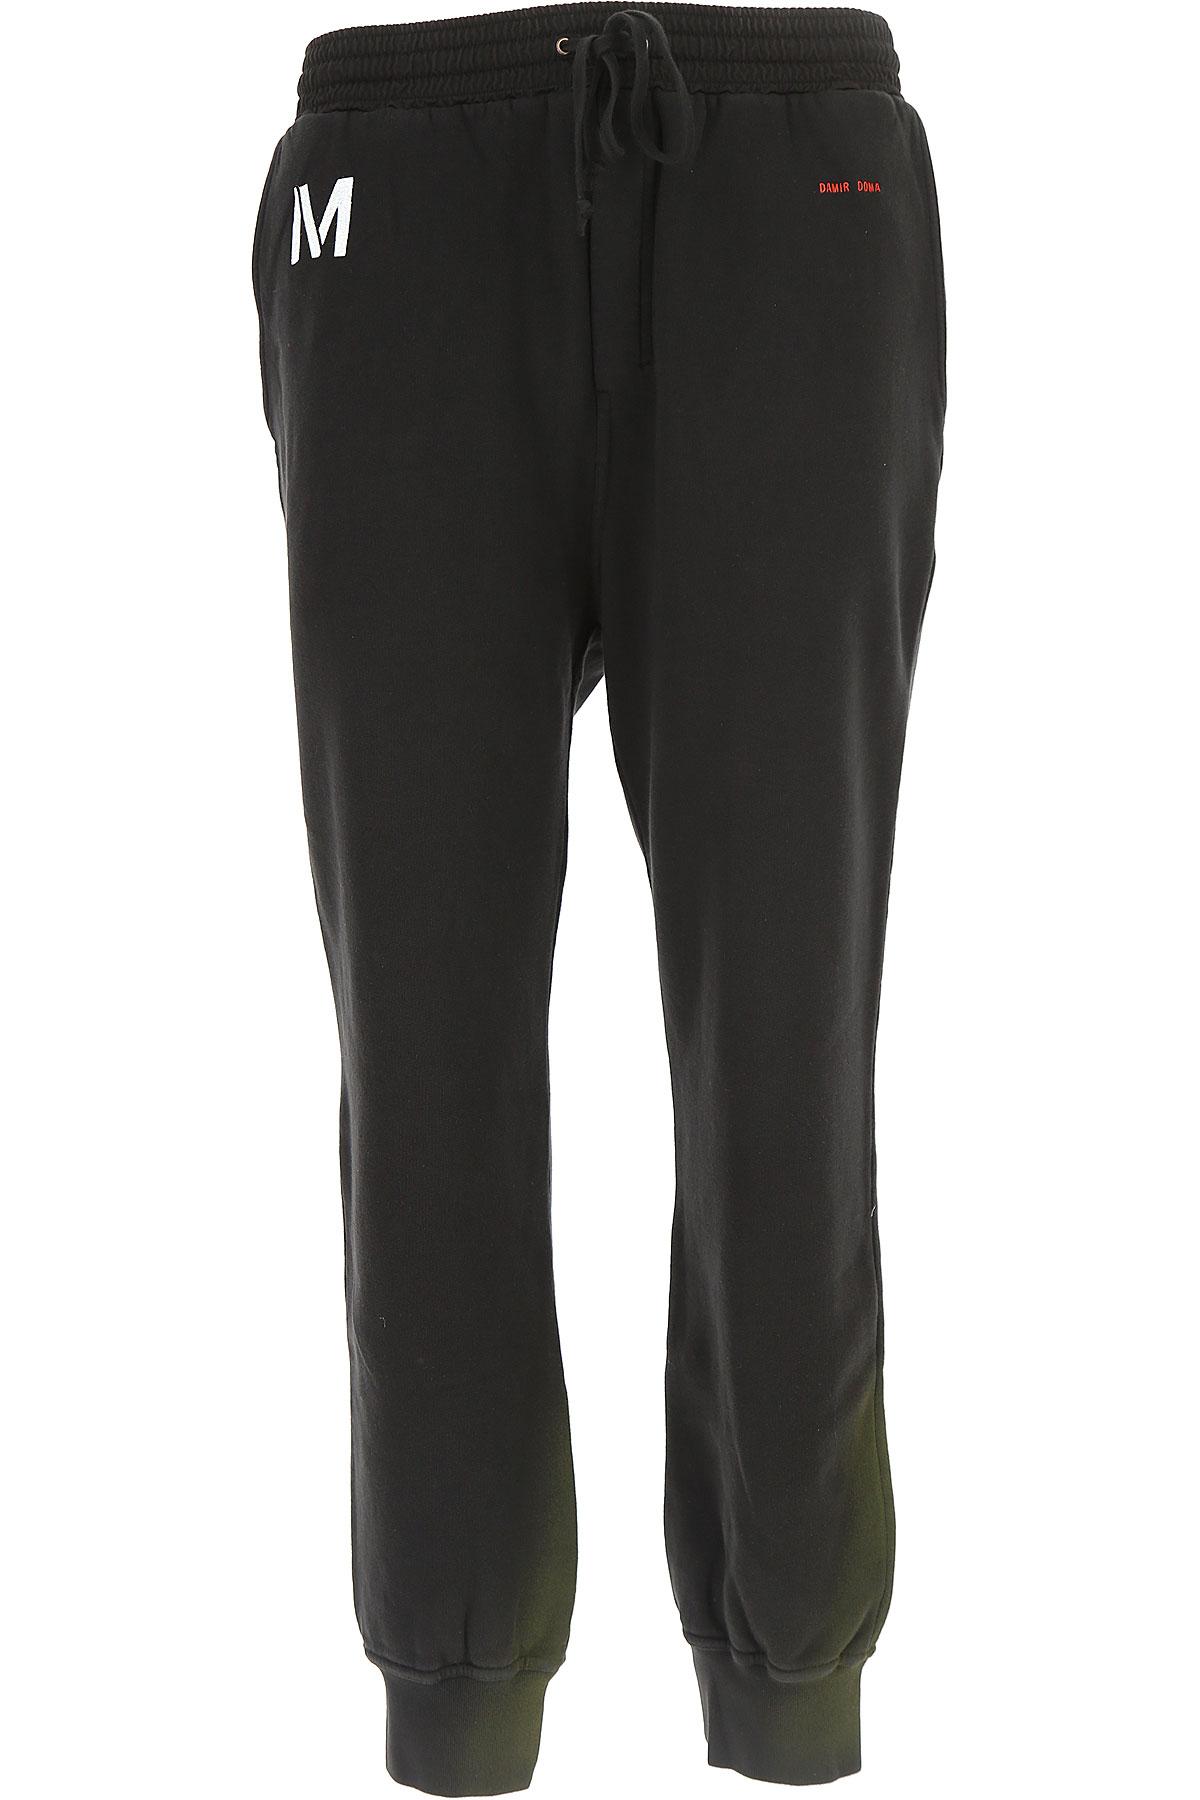 Image of Damir Doma Sweatpants, Black, Cotton, 2017, L M S XS